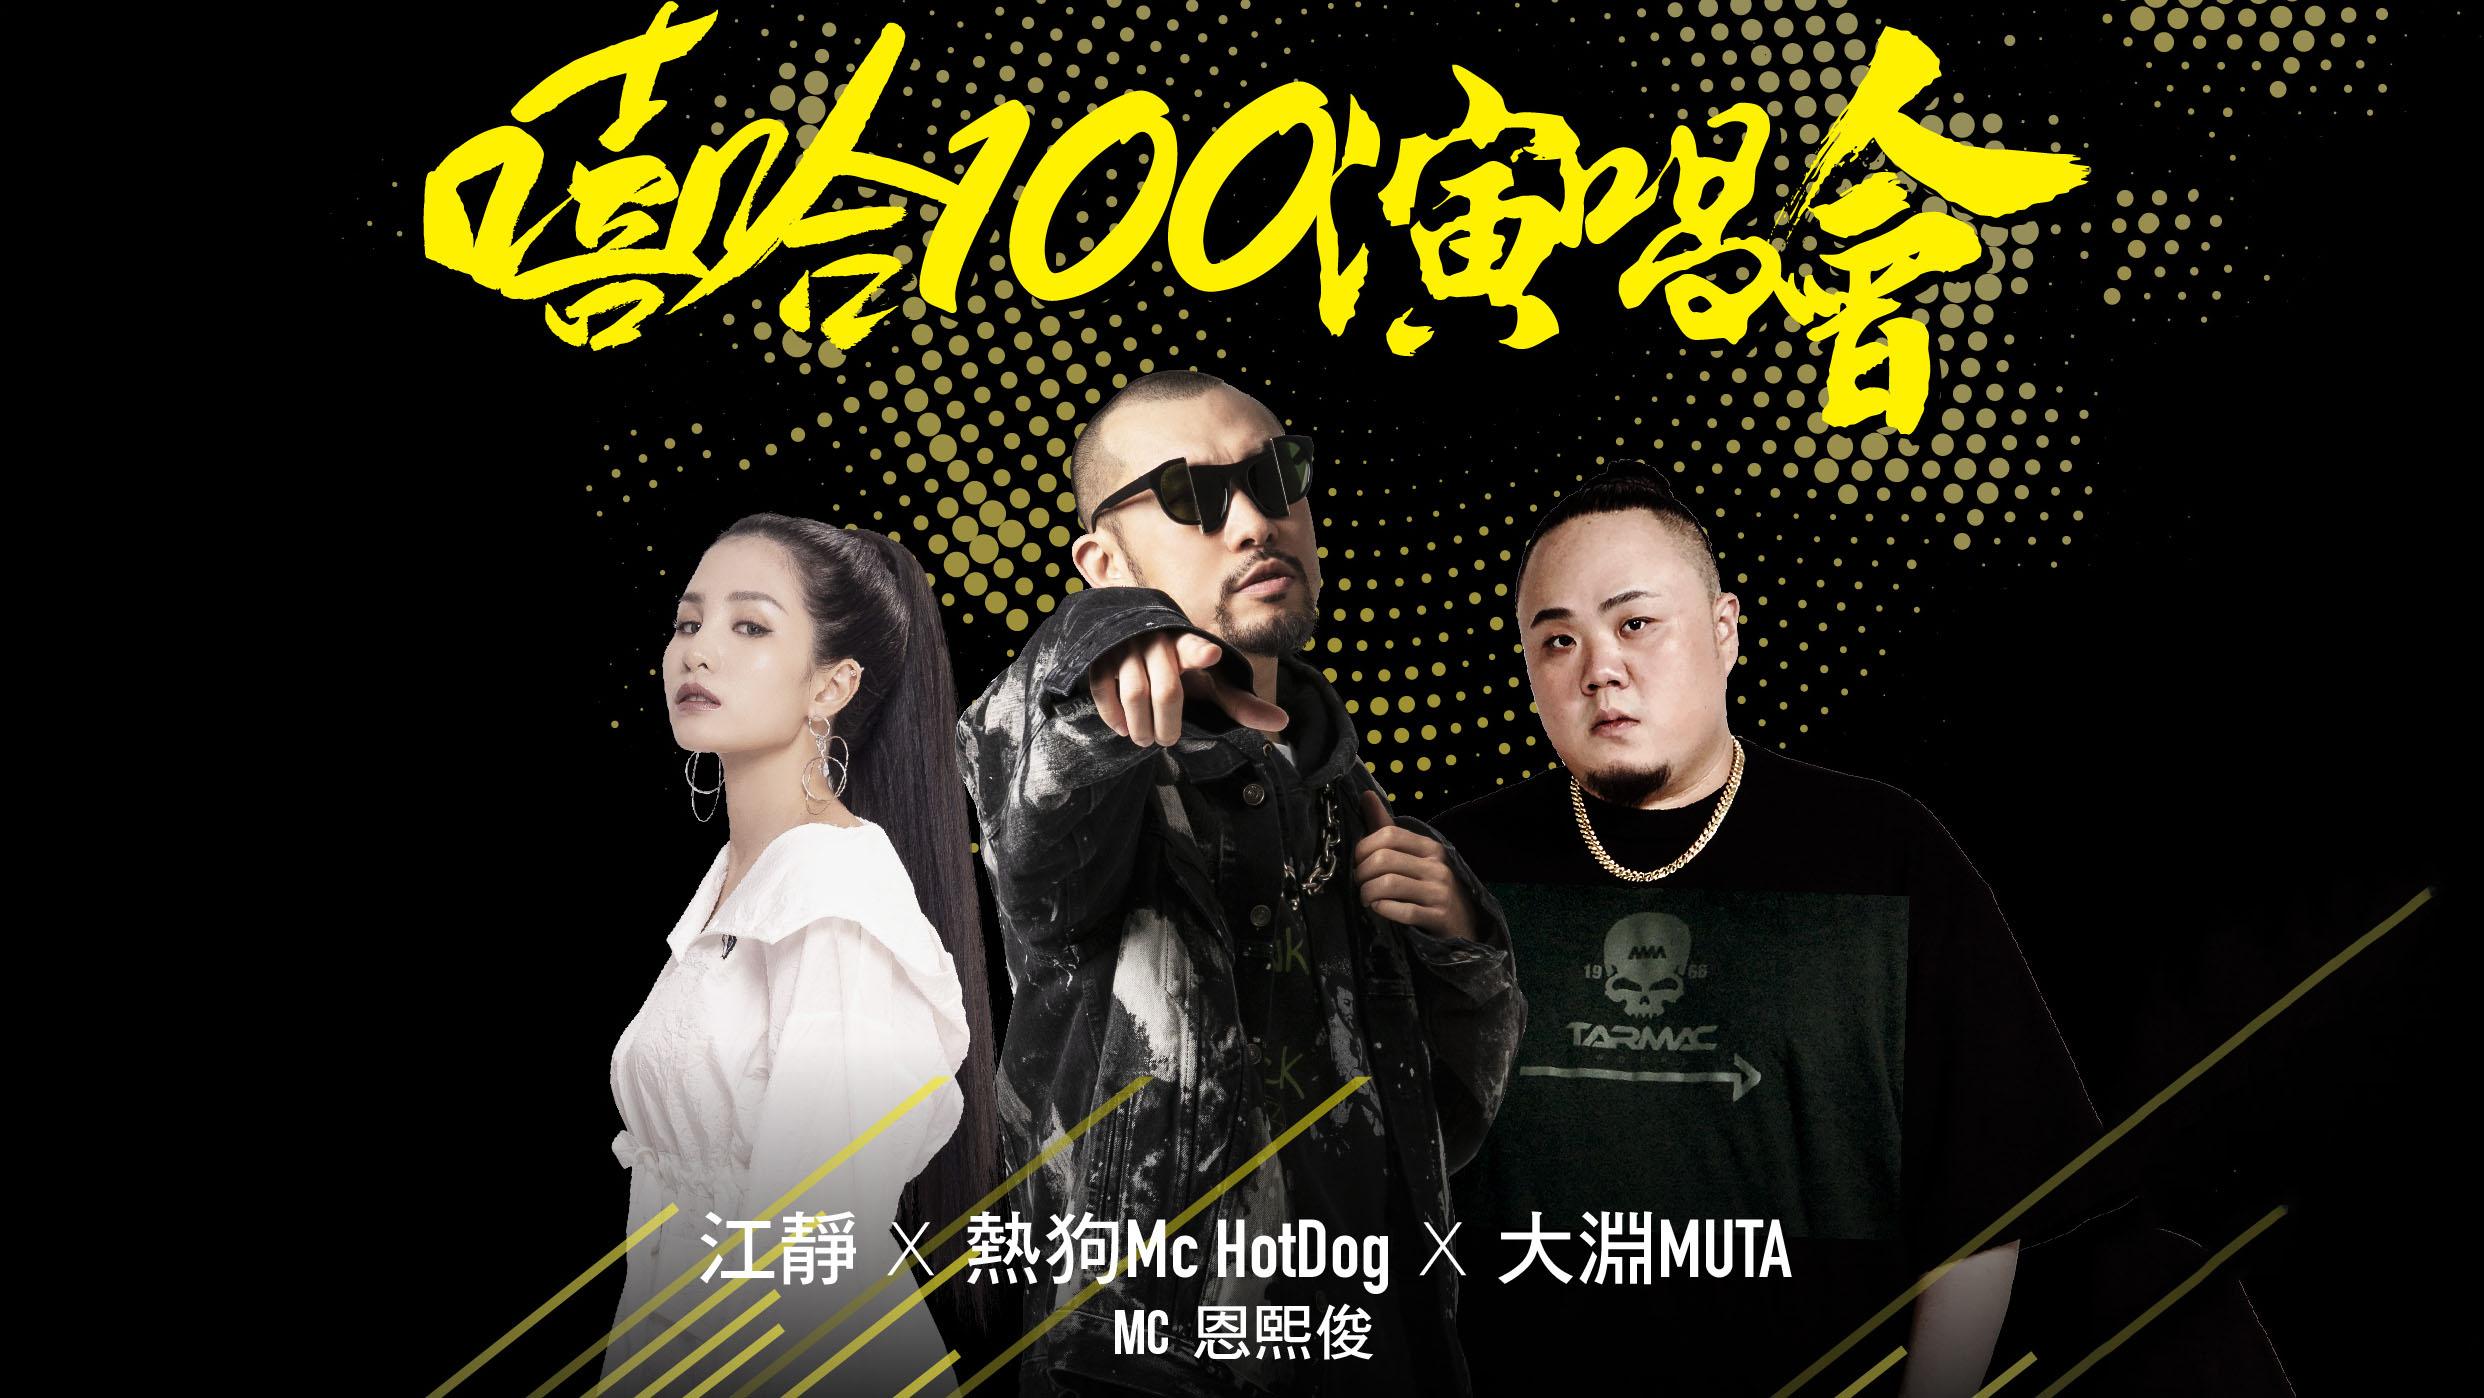 熱狗、大淵、江靜同台《TOYOTA TV 嘻哈100演唱會》門票開催